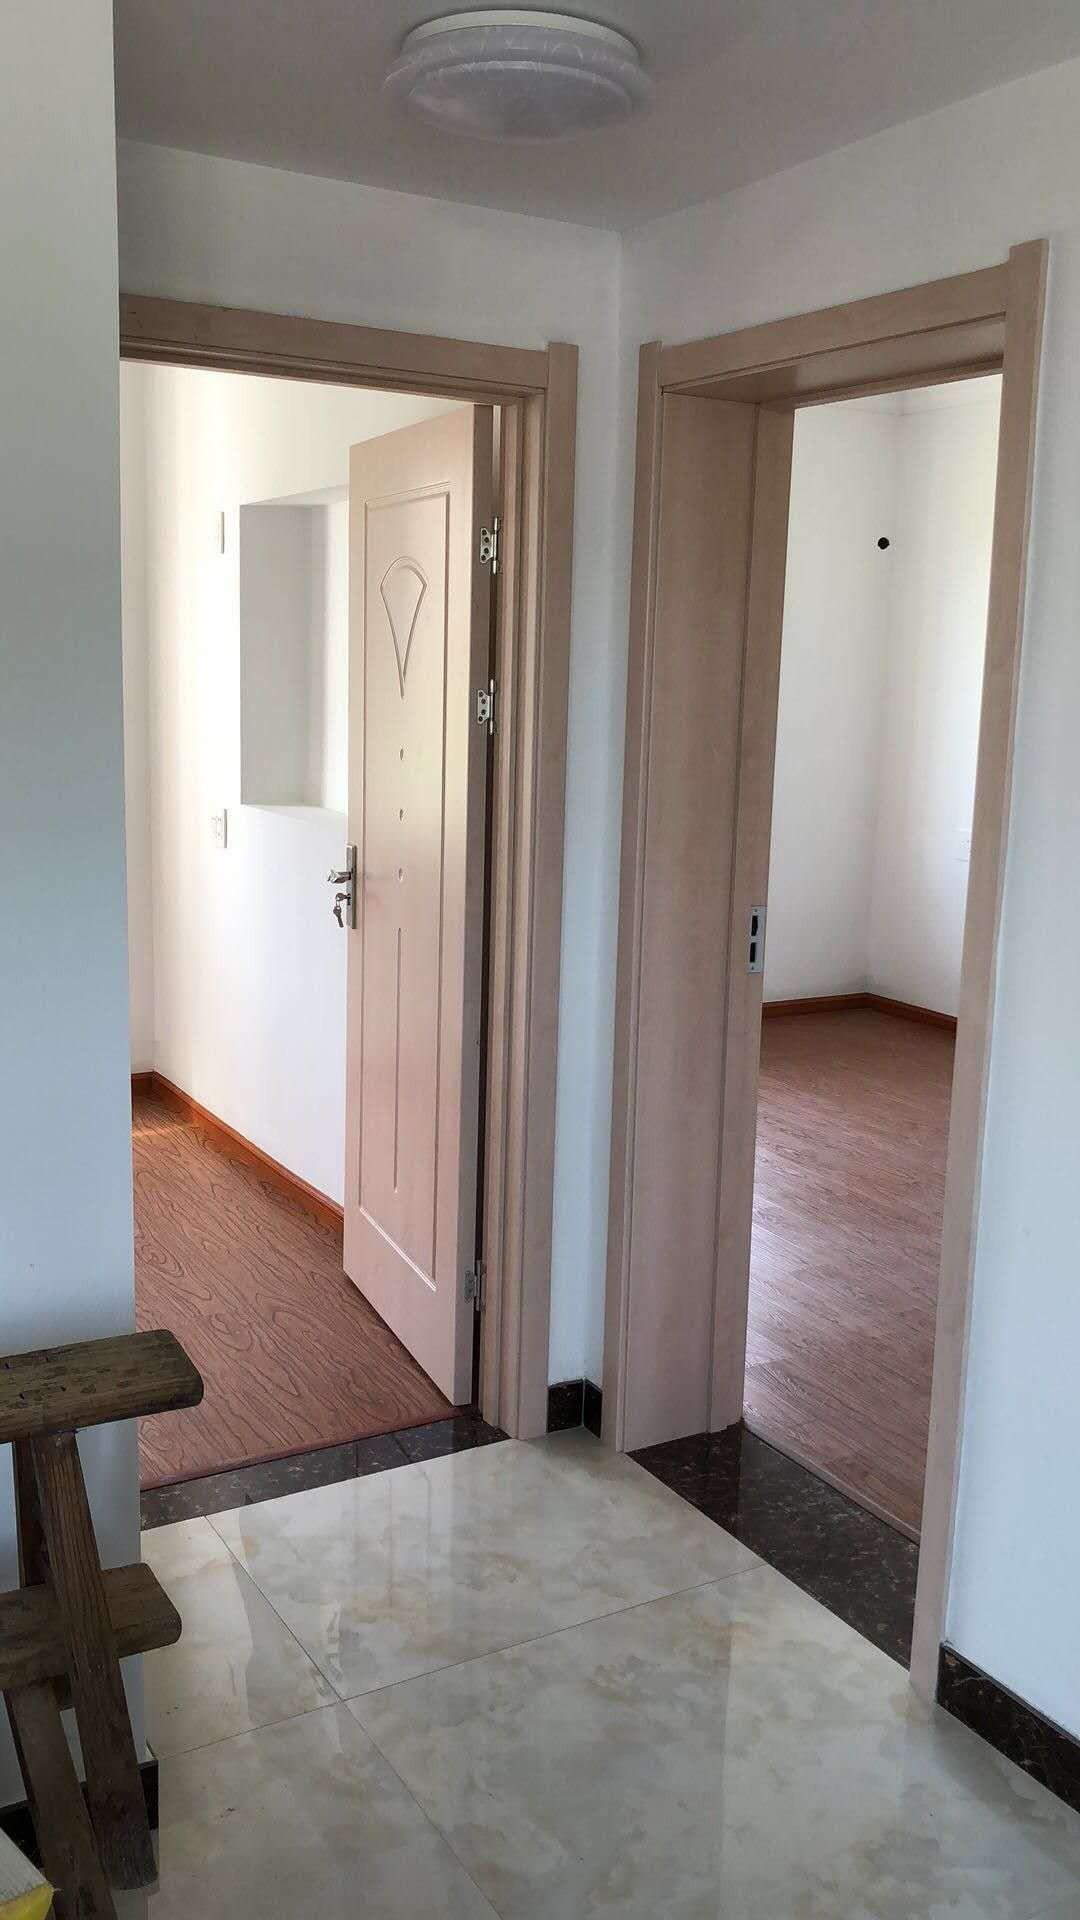 崇化小区全新装修、三房两厅一卫学区未占、采光好诚心出售!